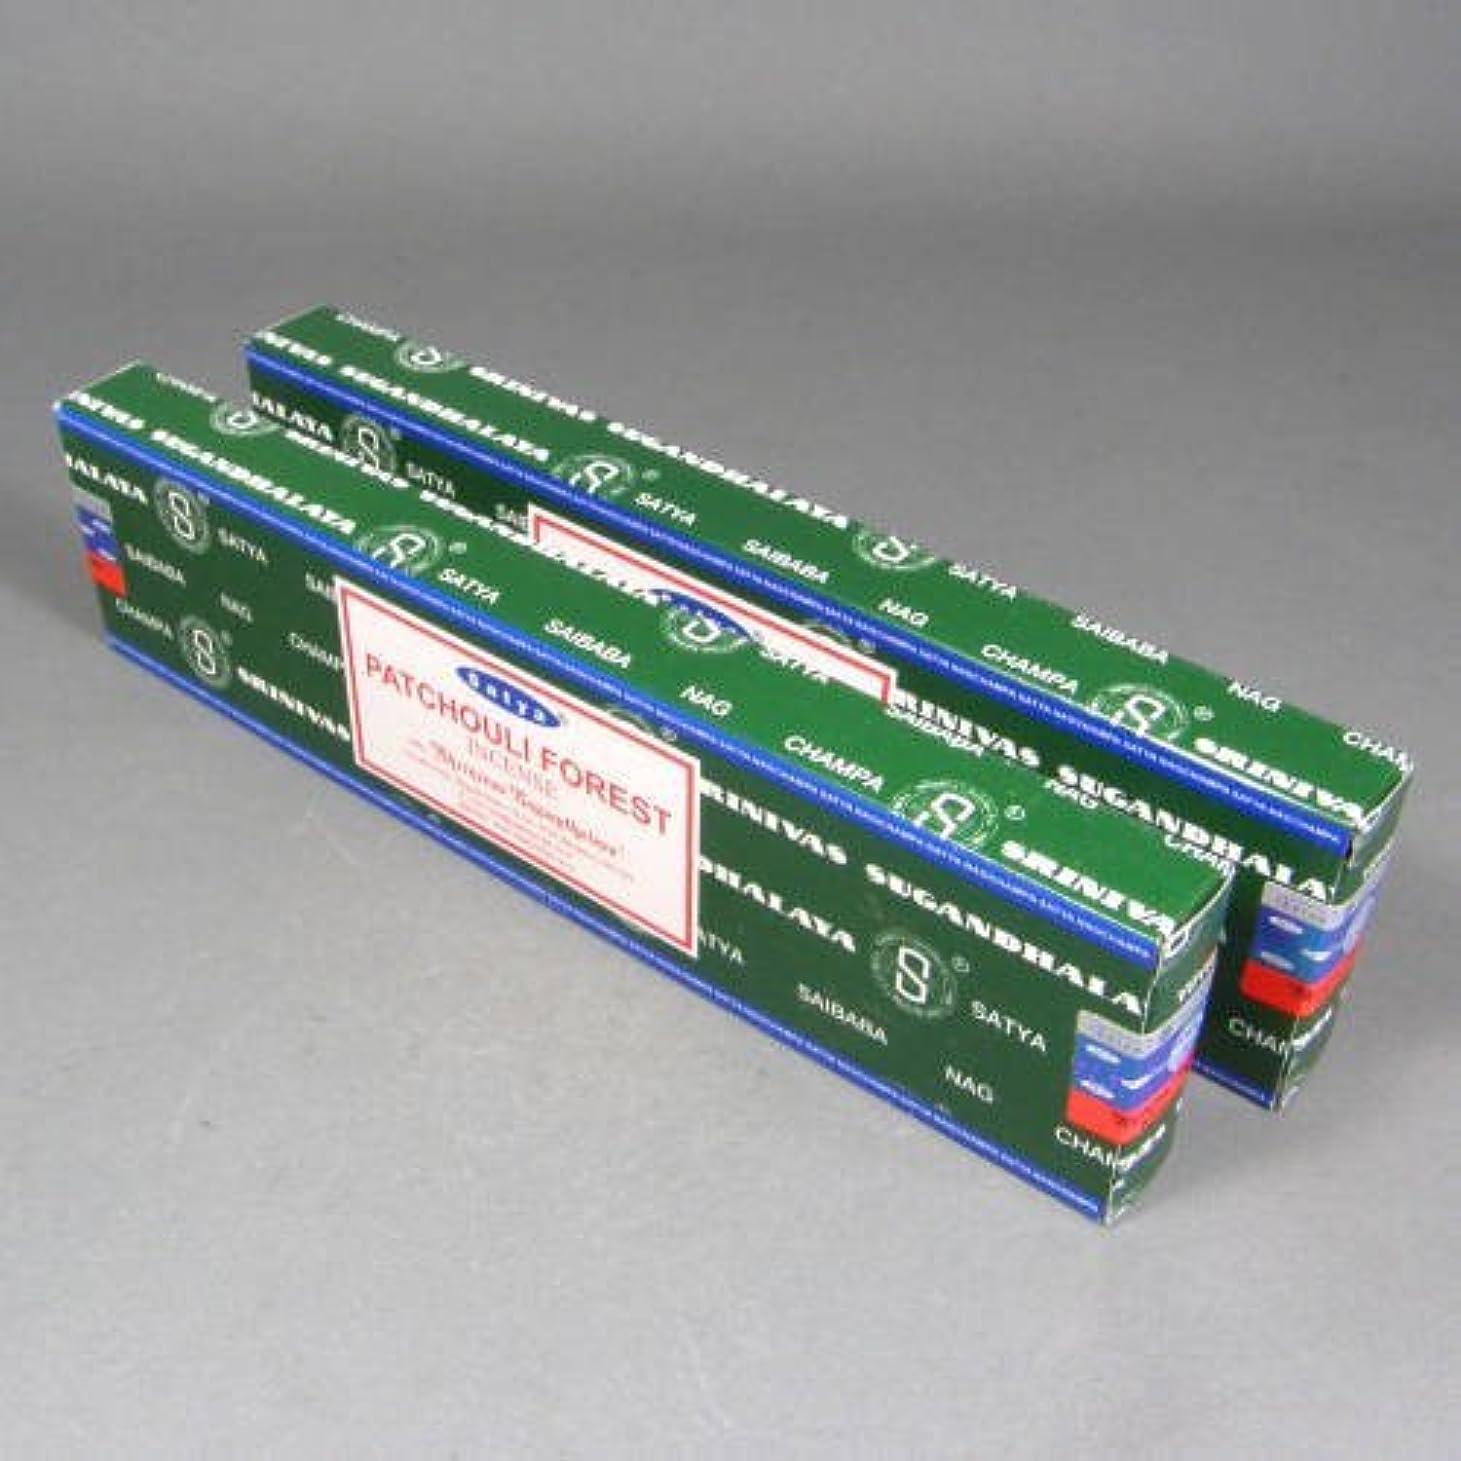 失う吸い込むプレビューSatya Patchouliフォレスト香スティック、2 x 40グラムボックス、80グラム、合計( in212 )